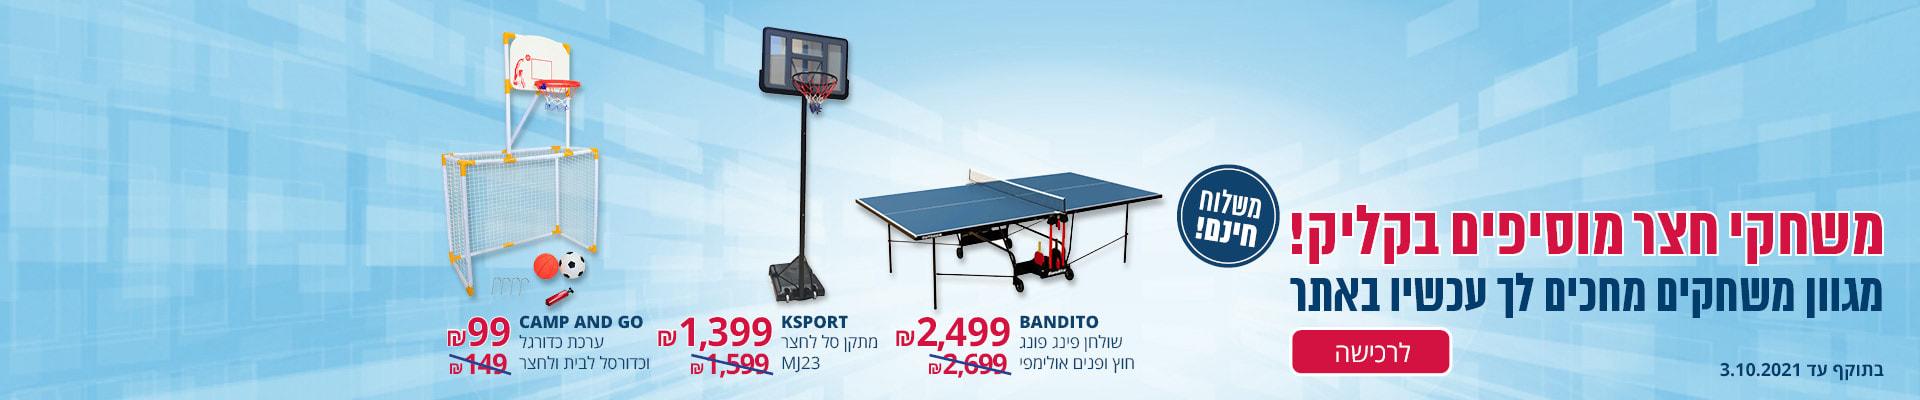 גם משחקי חצר? כן!ערכת כדורגל וכדורסל CAMP AND GO 99₪, מתקן סל לחצר KSPORT 1399₪, שולחן פינג פונג אולימפי  BANDITO 2499₪  . משלוח חינם בתוקף עד 3.10.2021